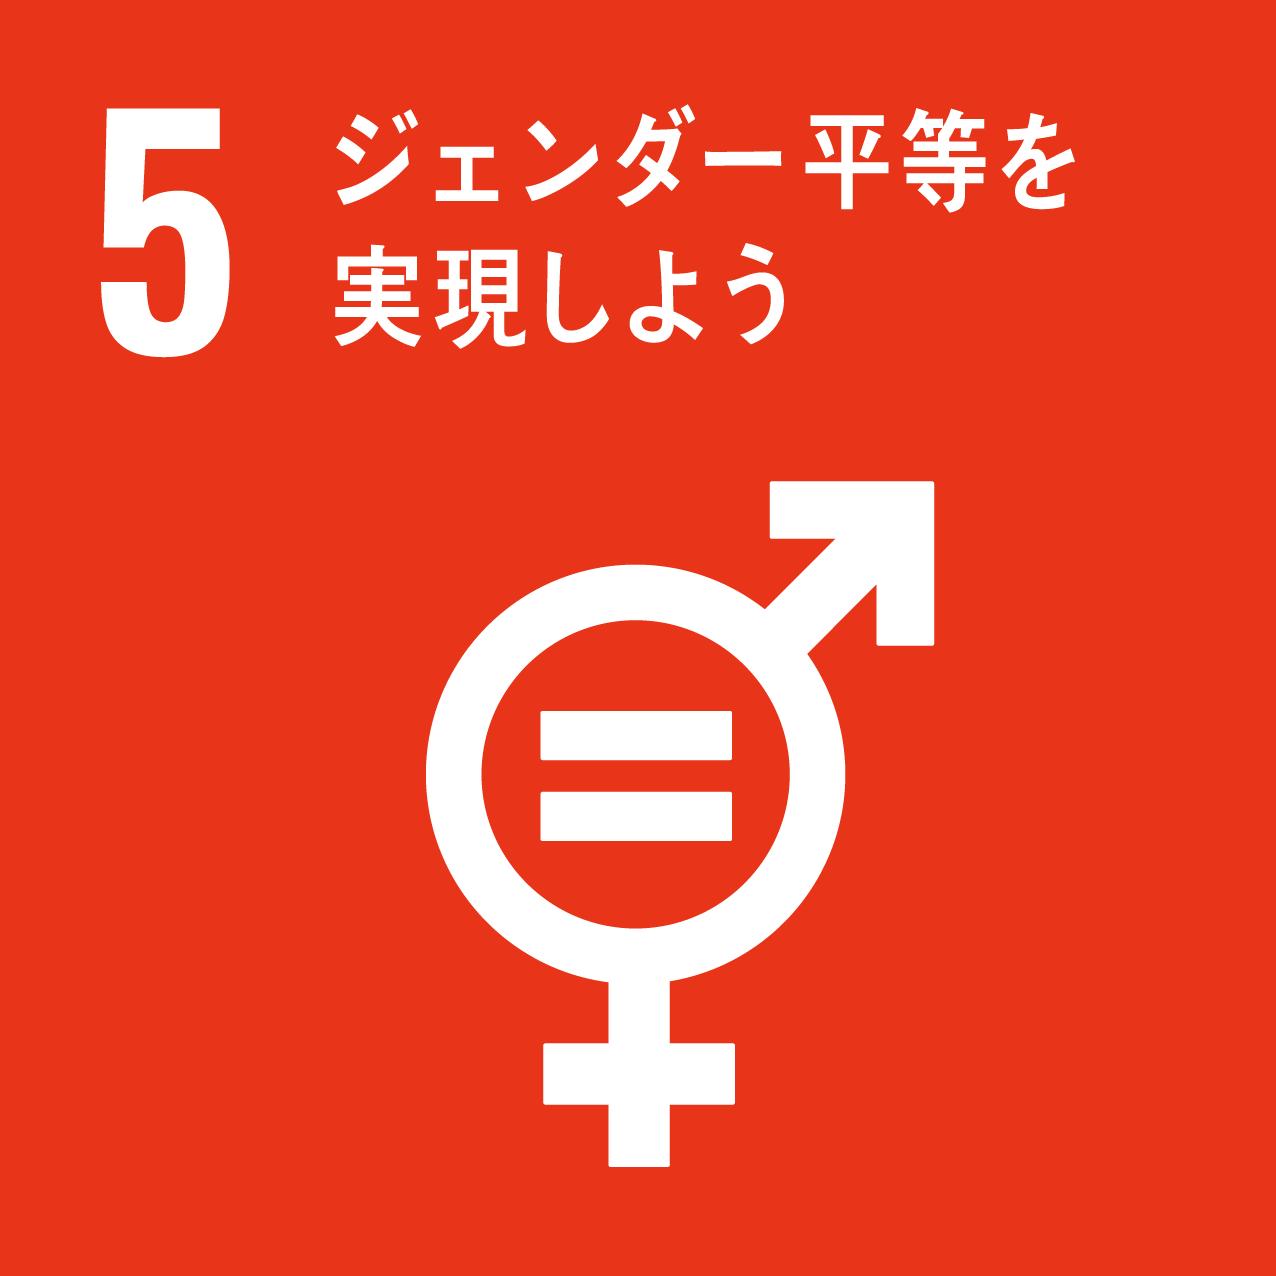 目標5番「ジェンダー平等を実現しよう」画像